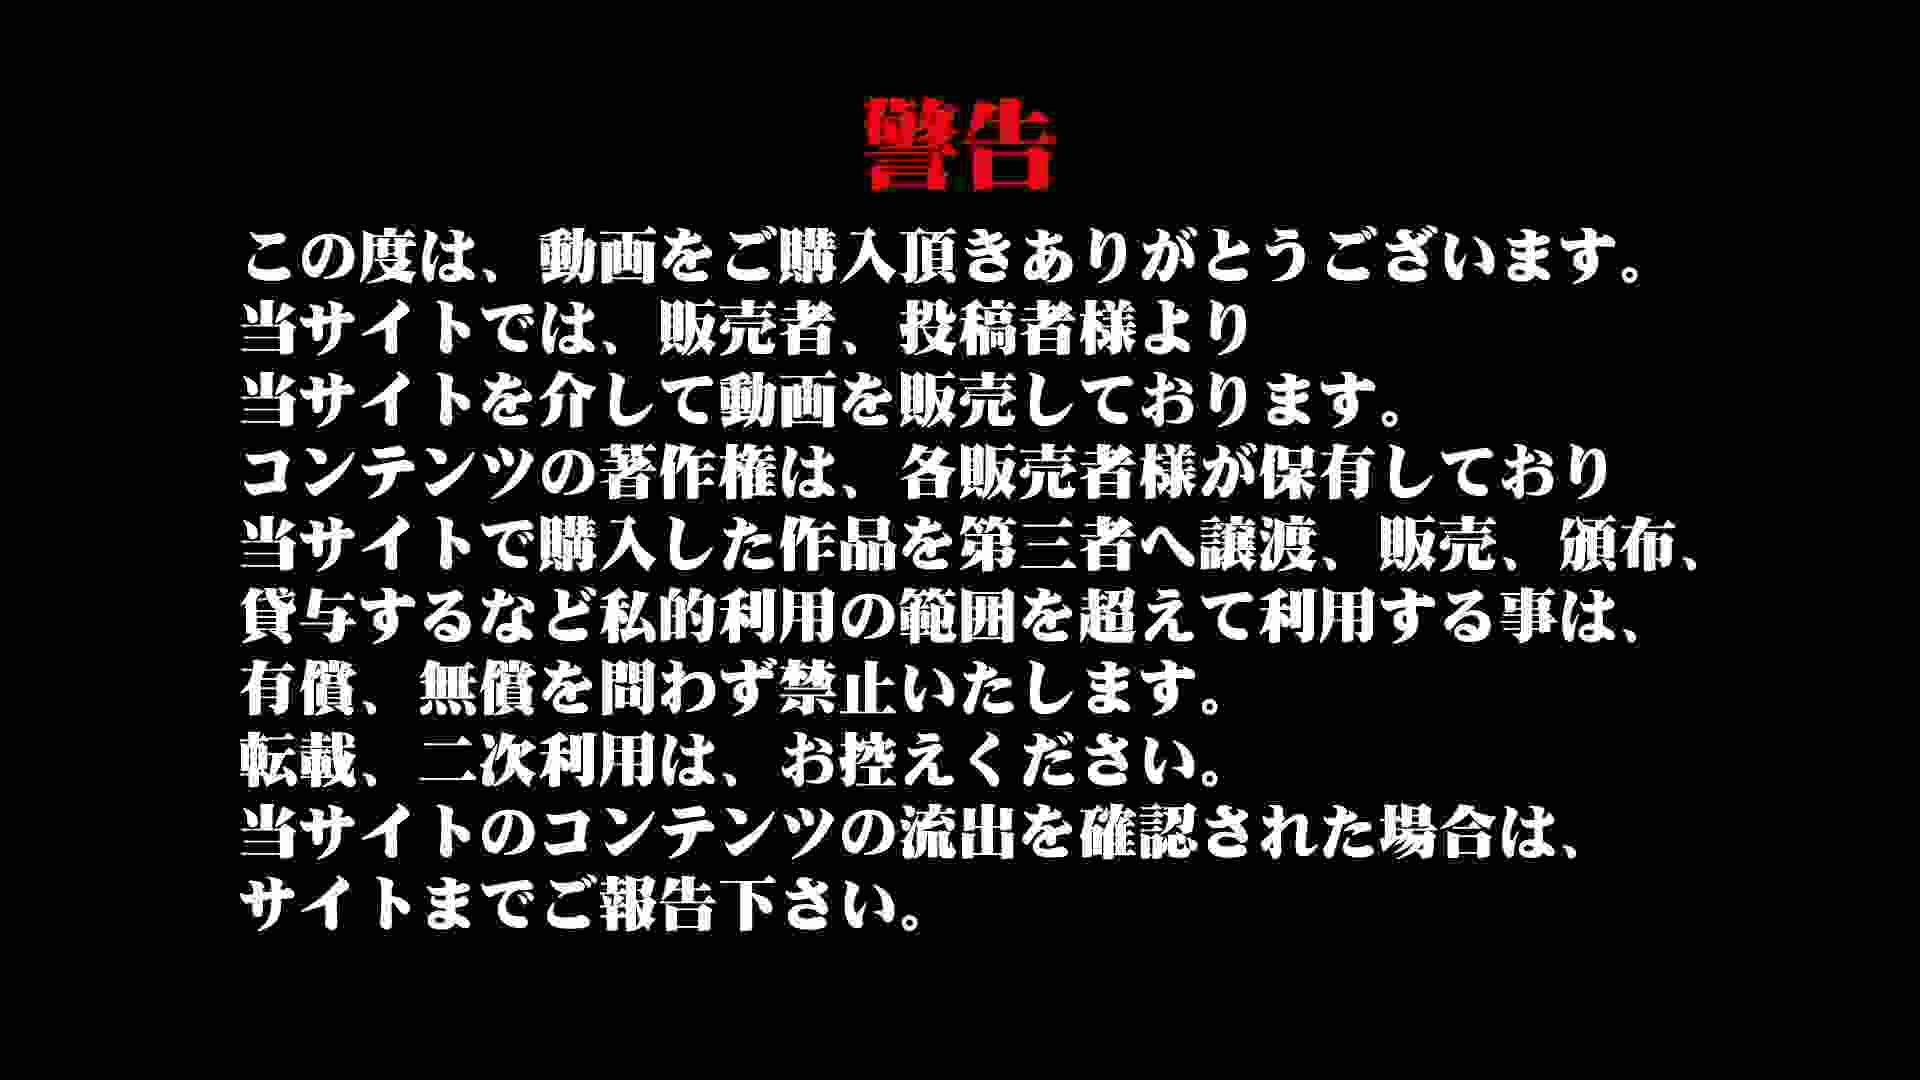 無修正エロ動画|美しい日本の未来 No.86つい、No.64 美脚美人のバック撮れました。|怪盗ジョーカー